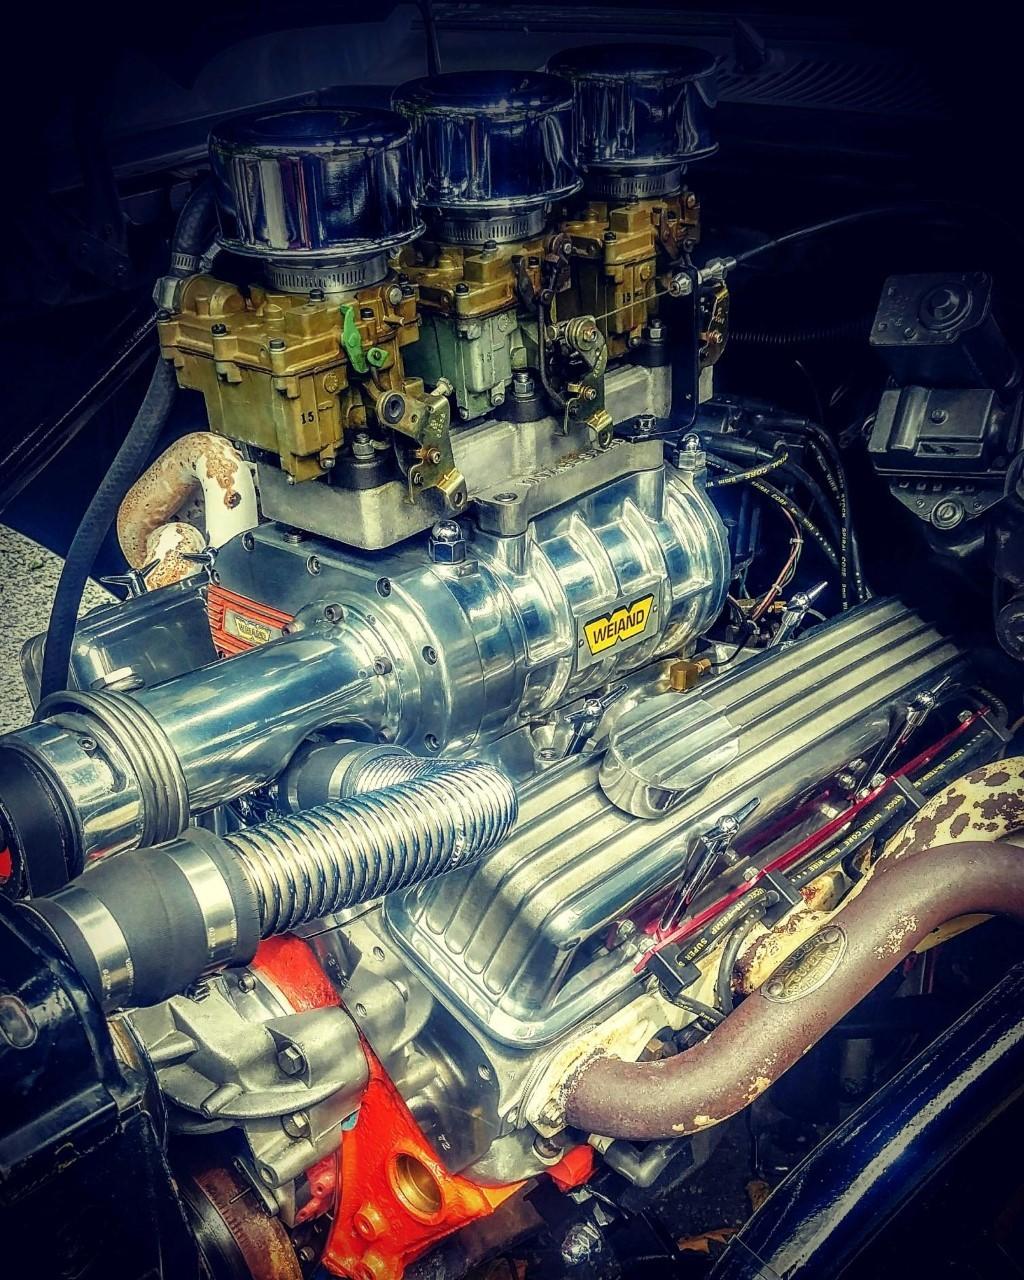 a/gas,donnny520